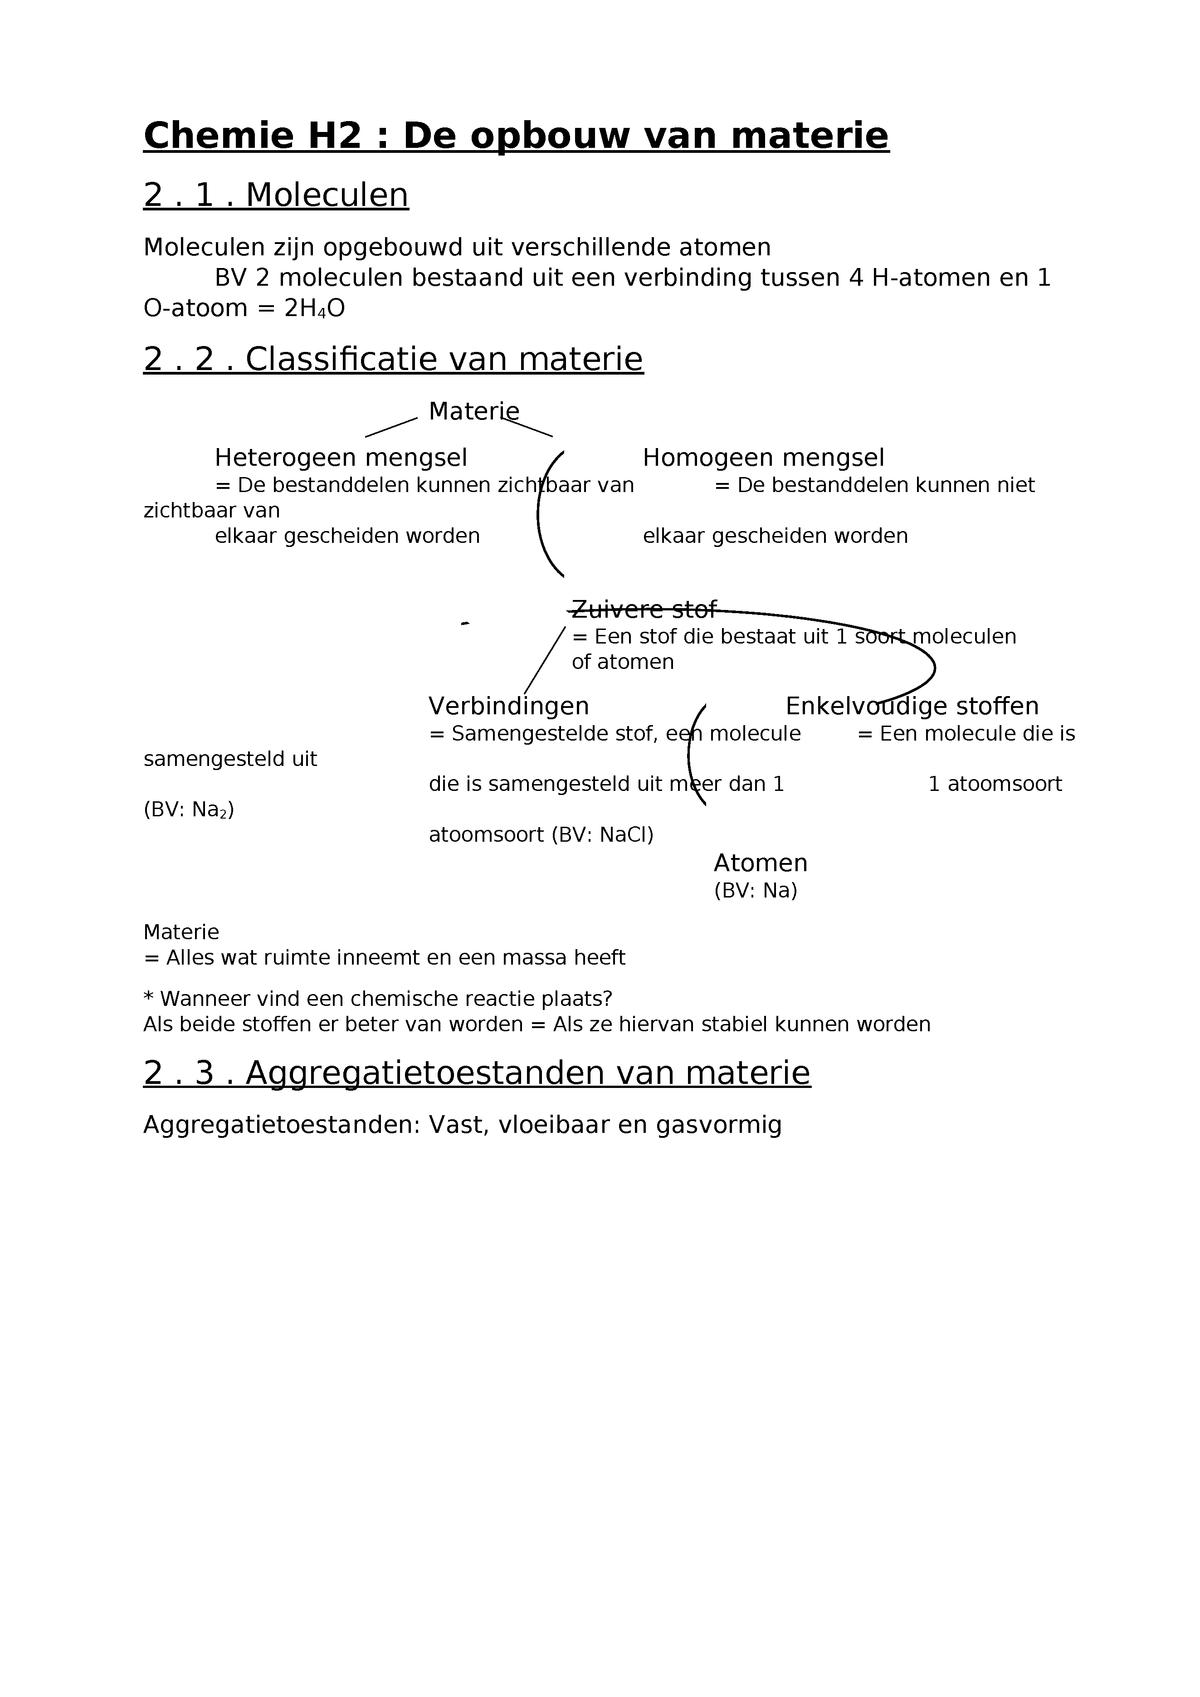 Chemie H2 Thomas More Studocu